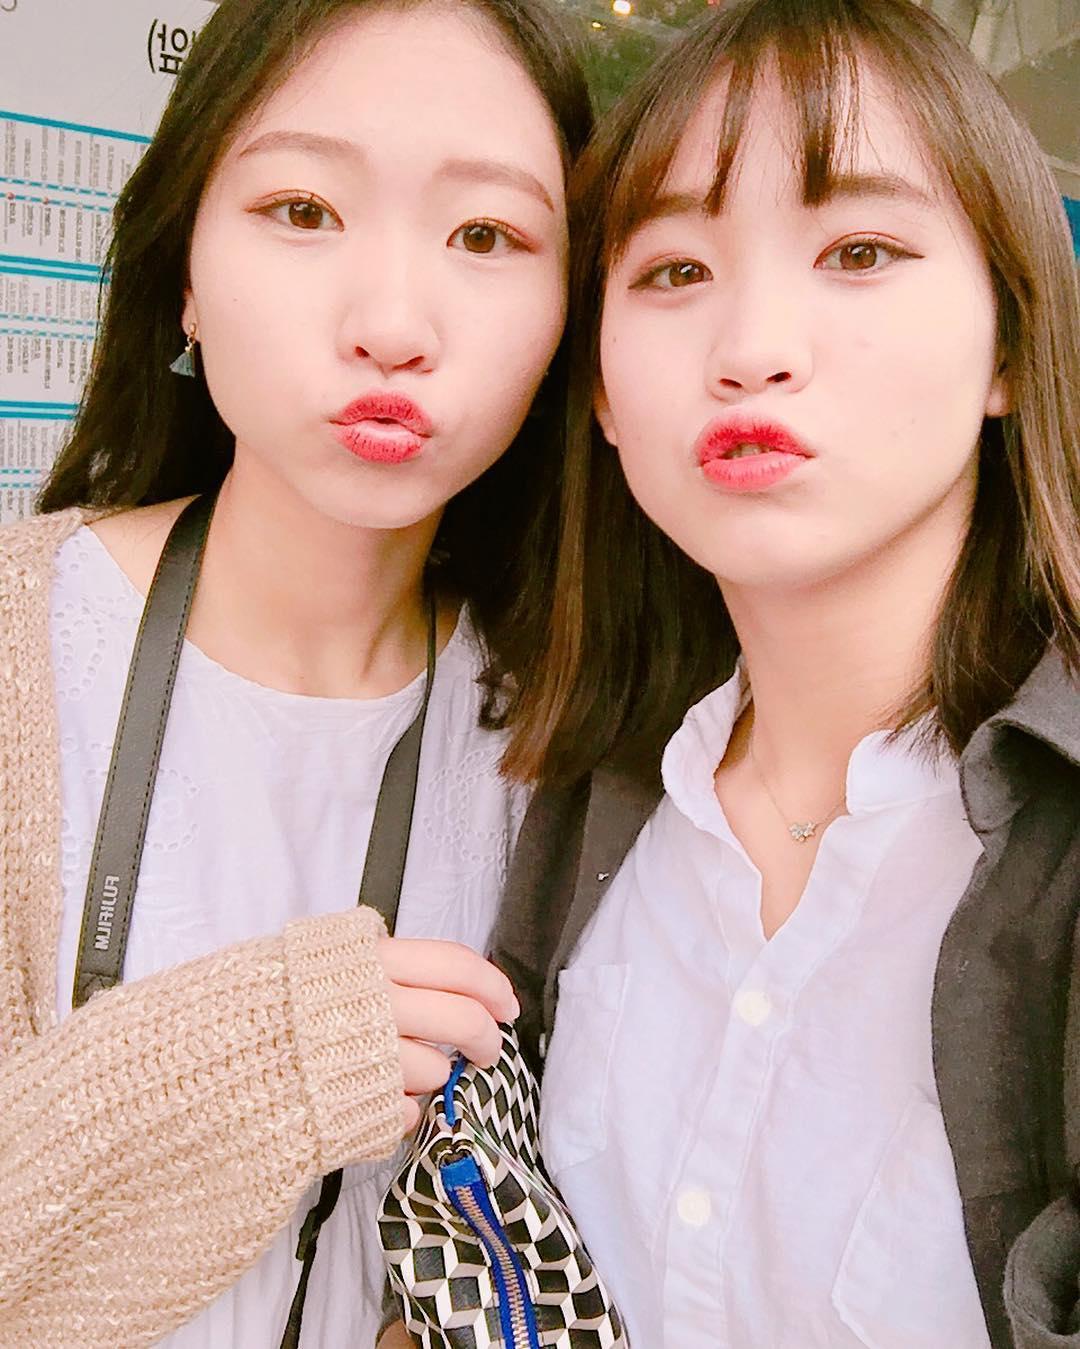 This Korean Girl Looks Like Your Average High Schooler ...